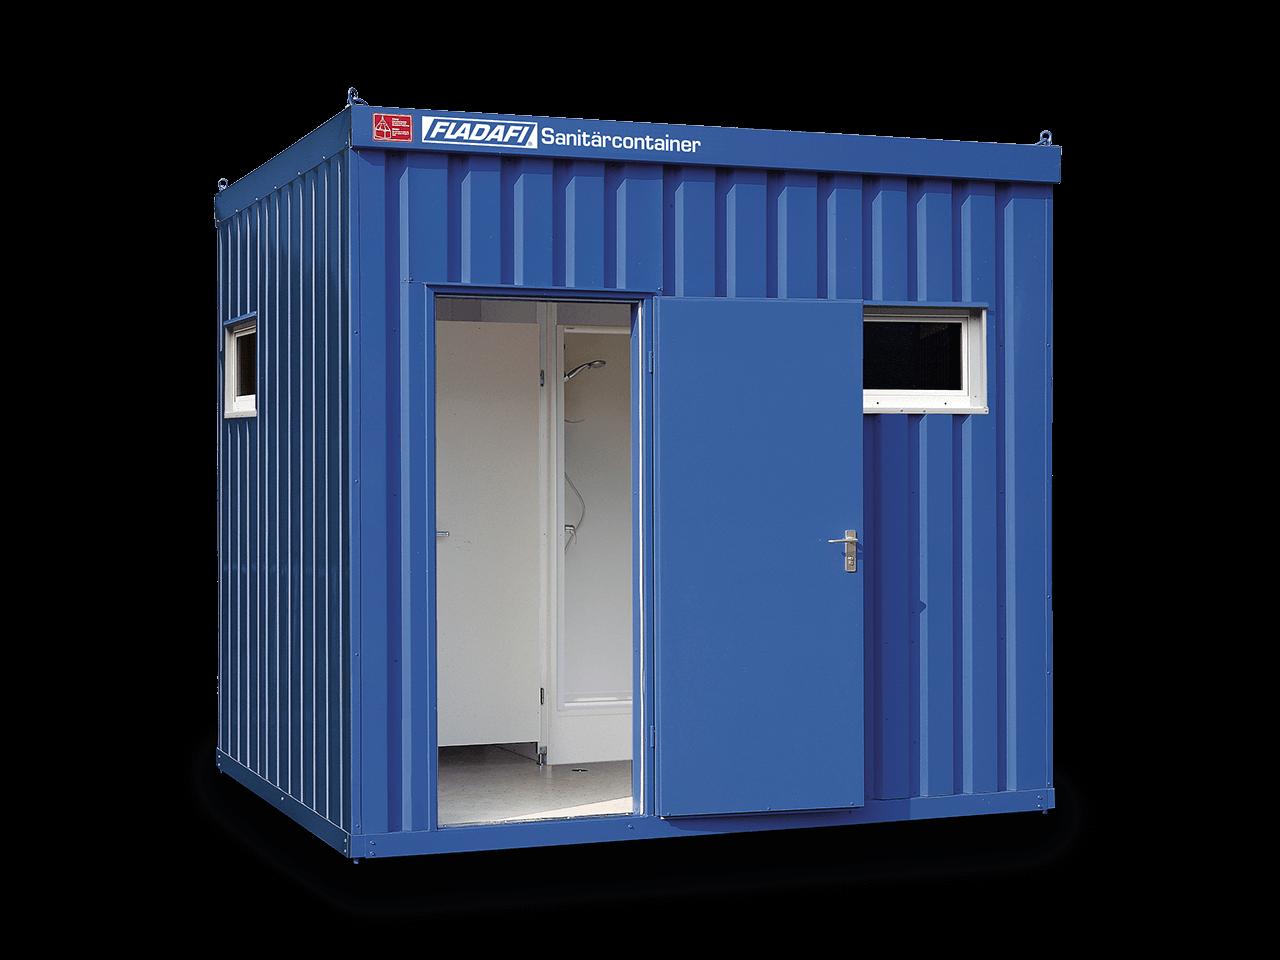 3853_FLADAFI-Sanitaercontainer-3M-3853_WC3M3853_RGB_0013_ft_sn_sl.png